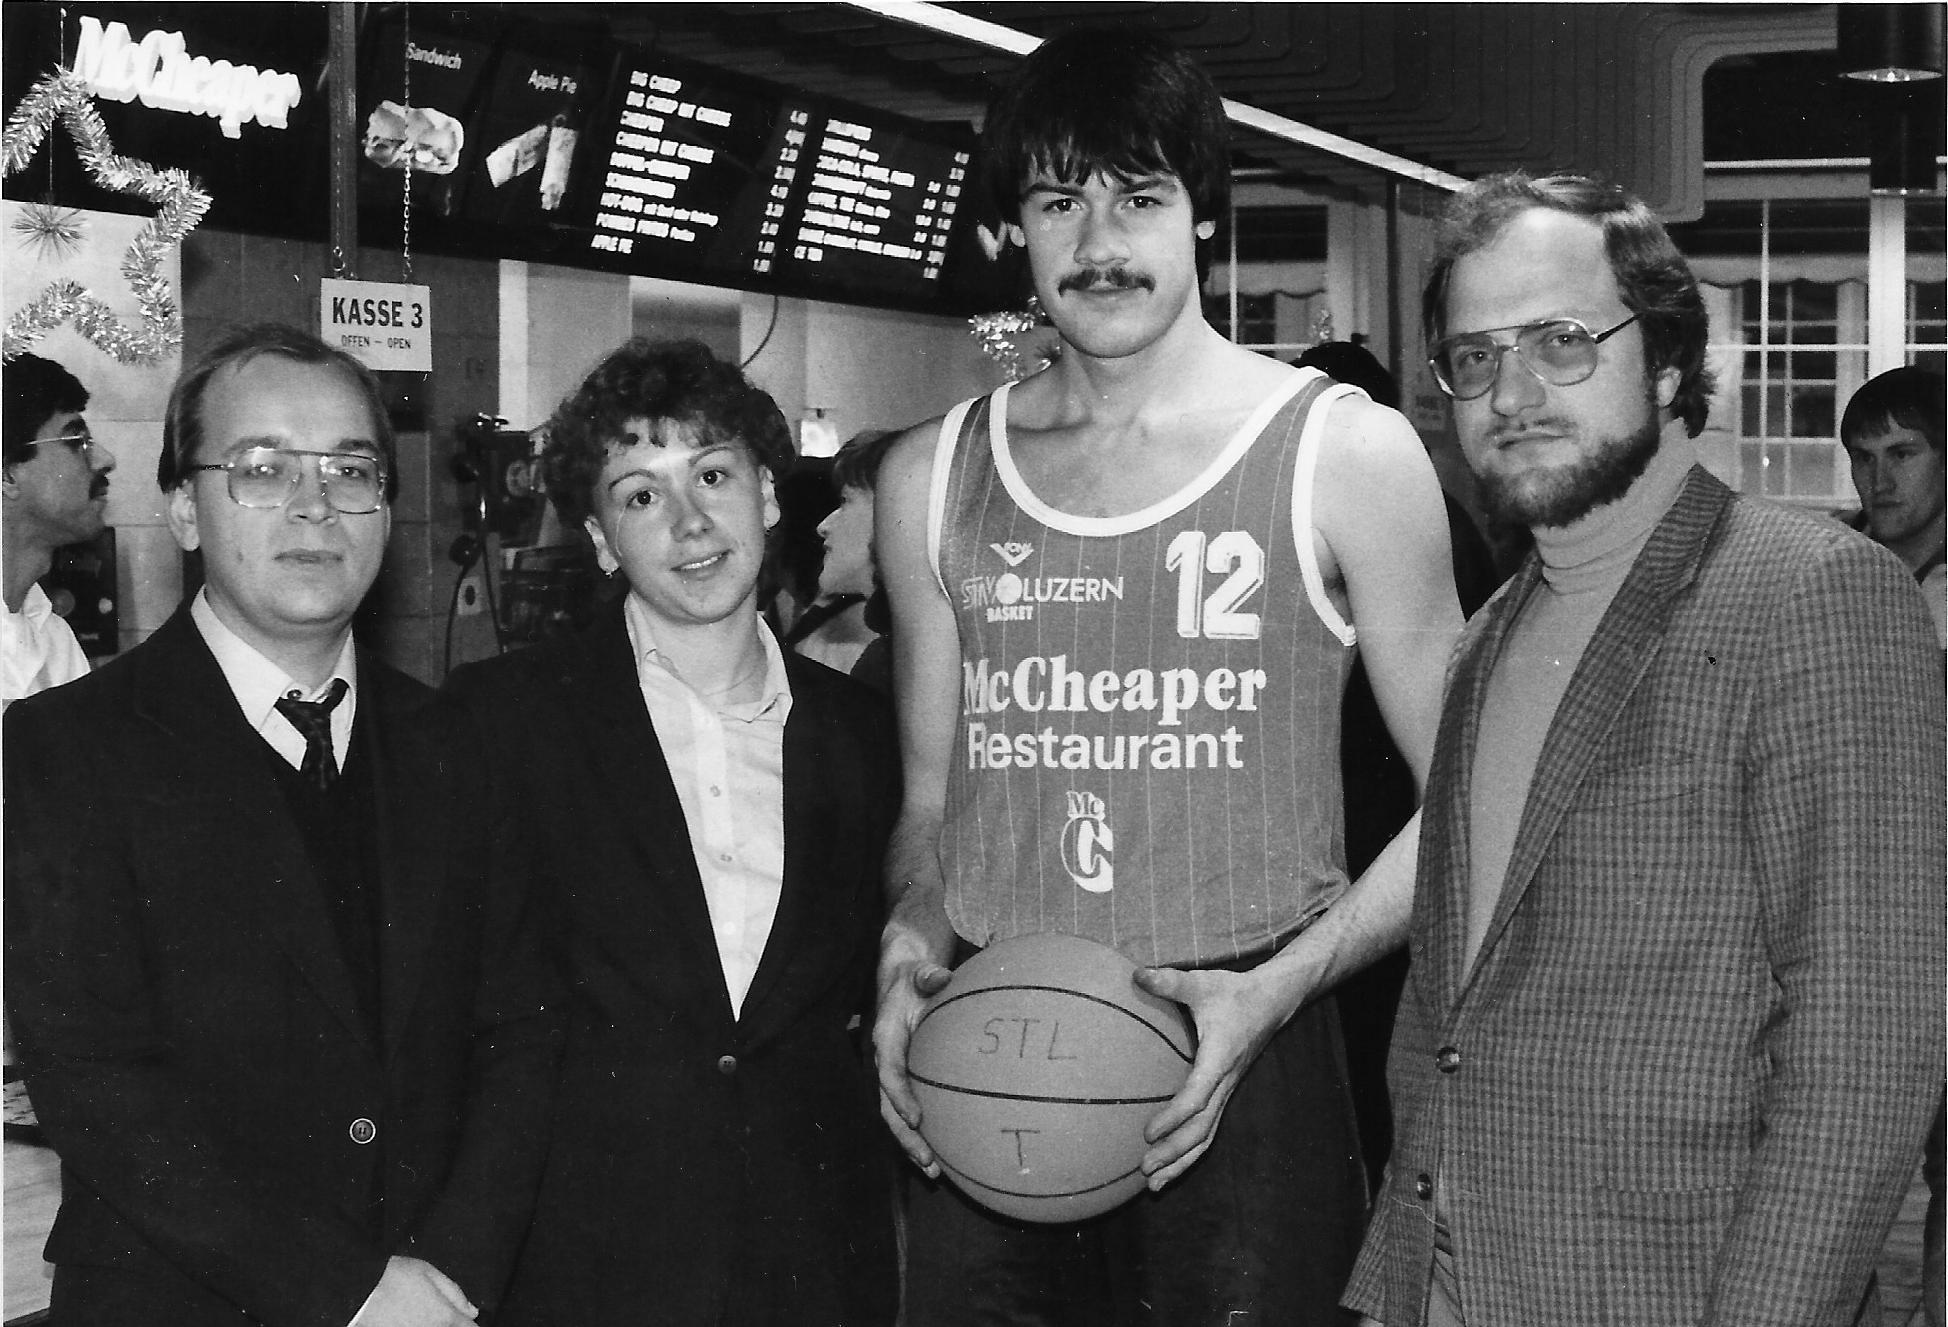 1983/1984 - Besuch beim Sponsor McCheaper mit Daniel Peter (mitte; späterer Präsident) sowie damaliger Präsident Georges Theiler (rts.)